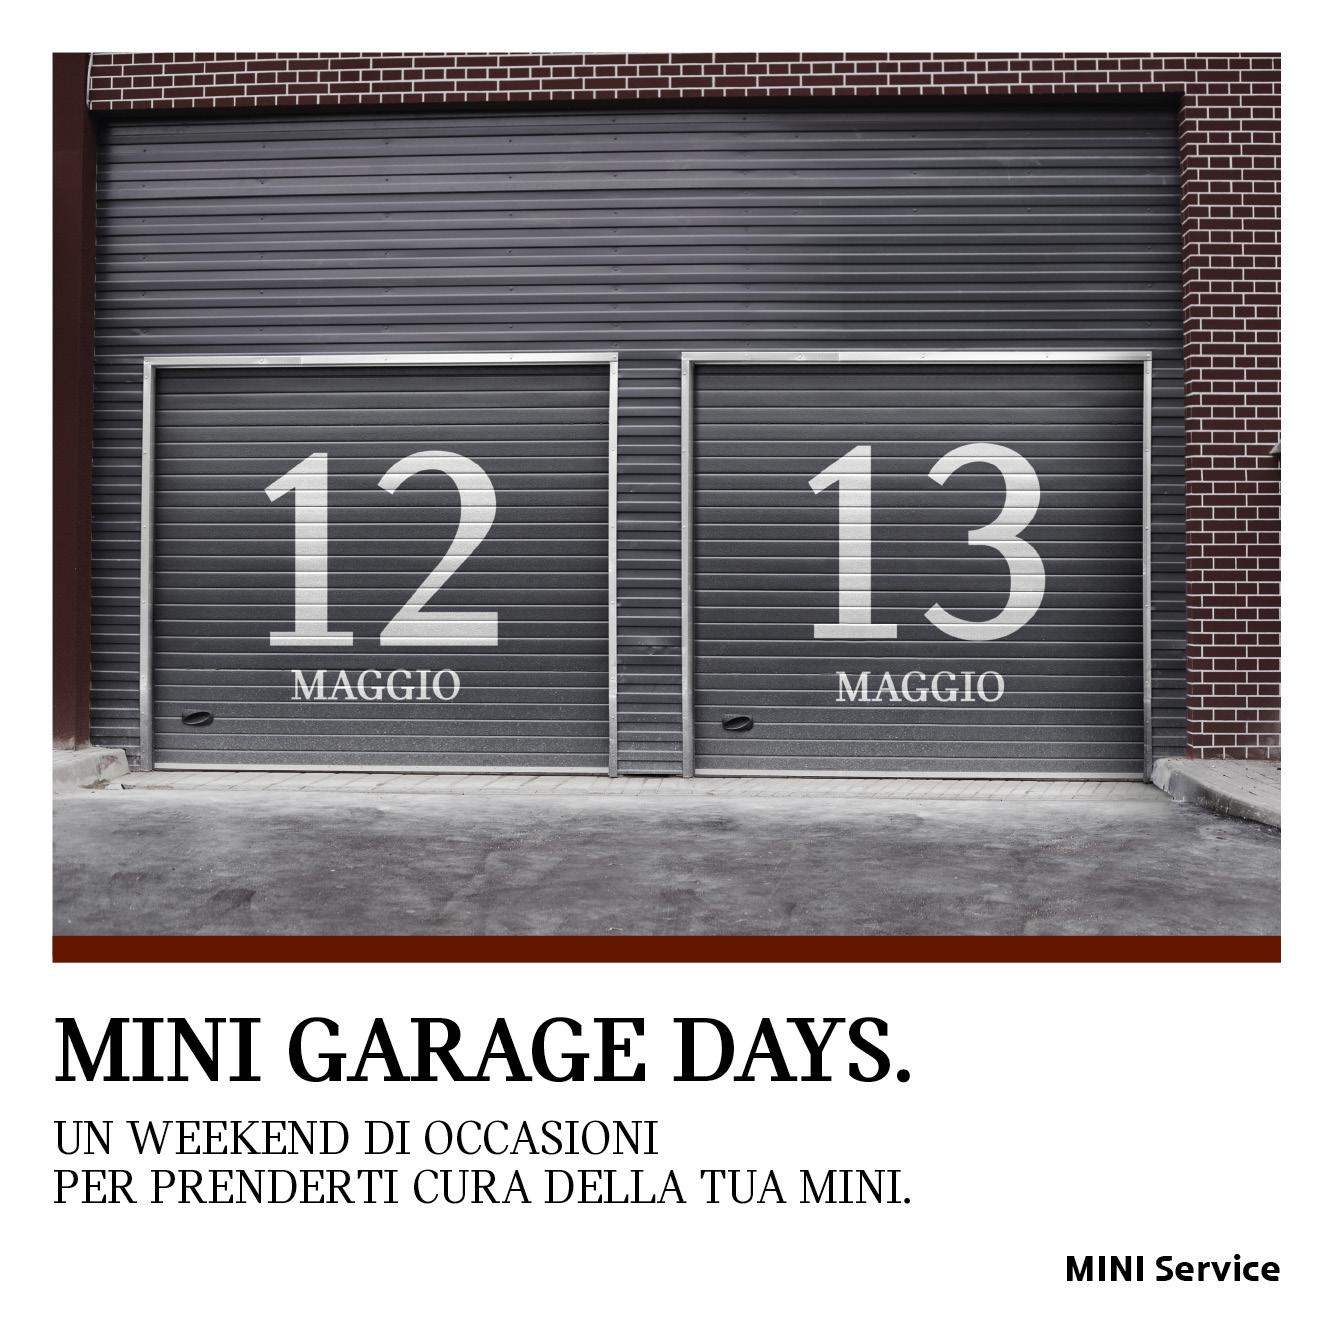 72883 MINI GARAGE DAYS Post FB